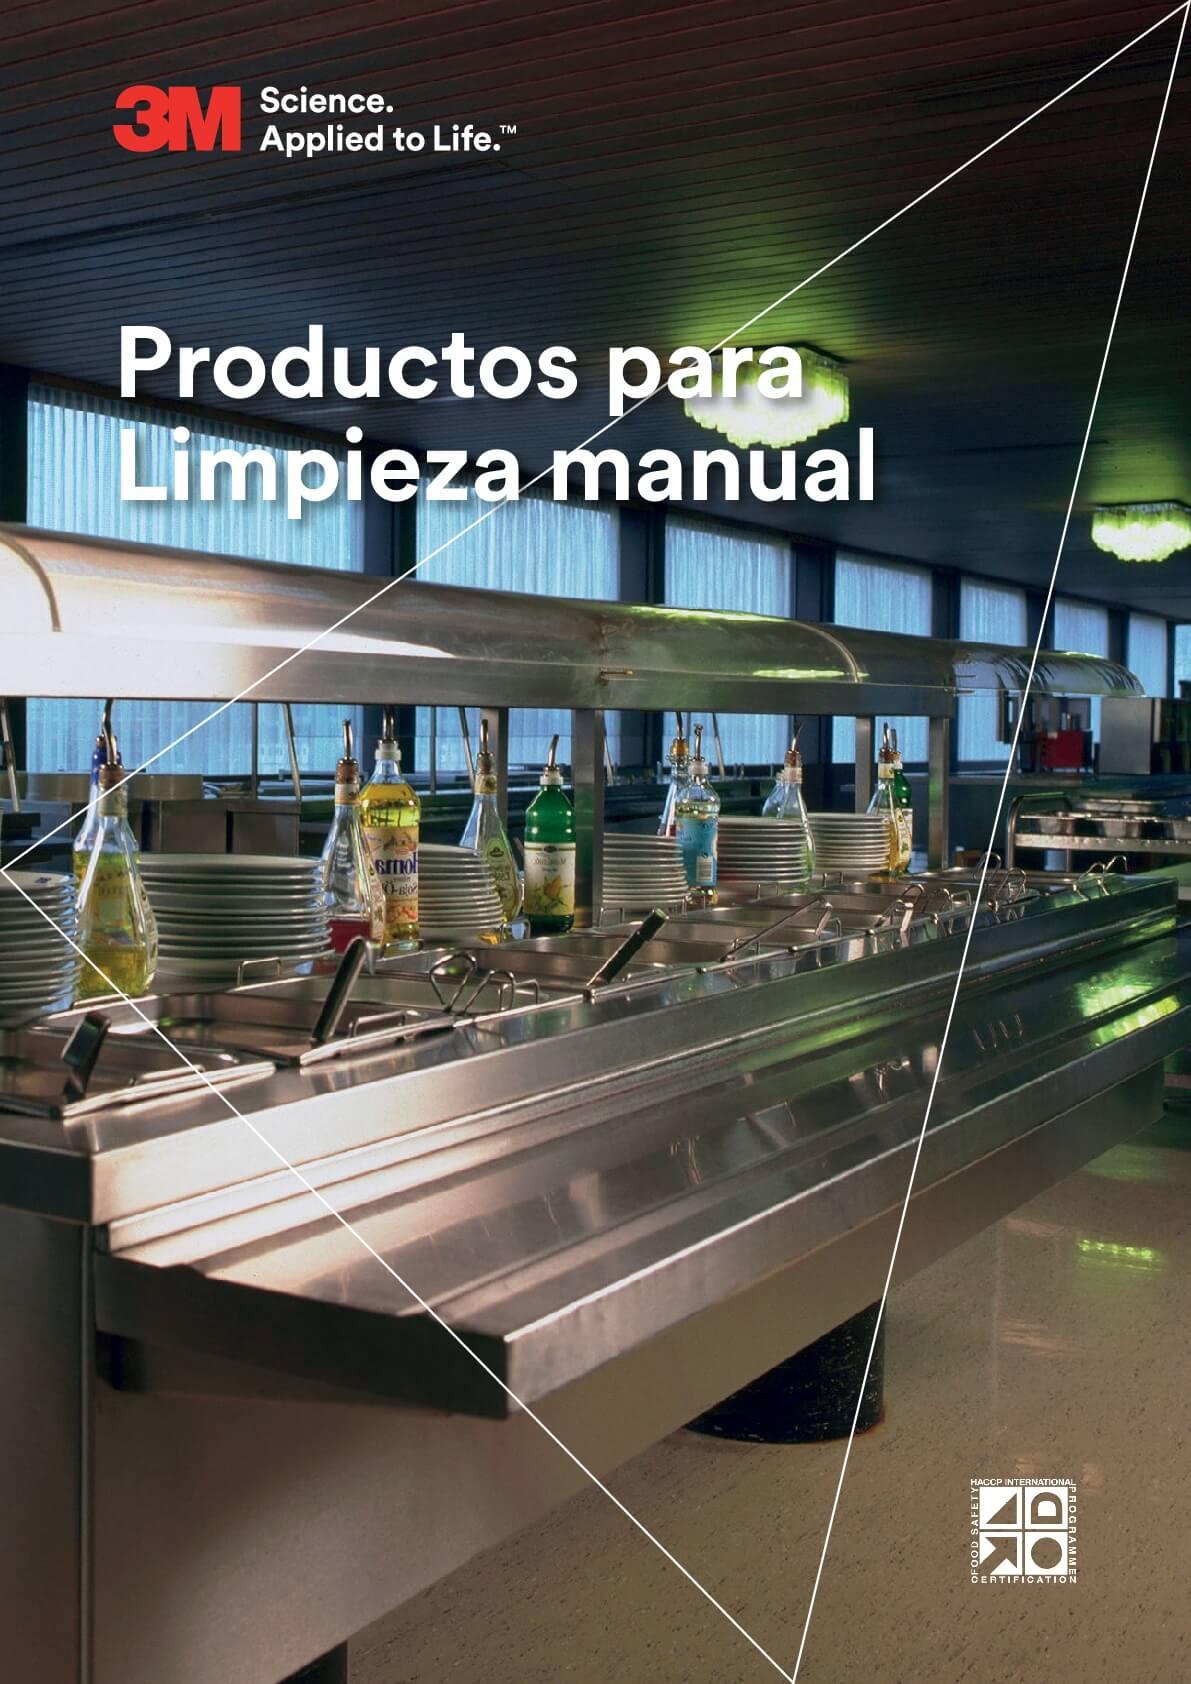 Productos de limpieza manual 3M